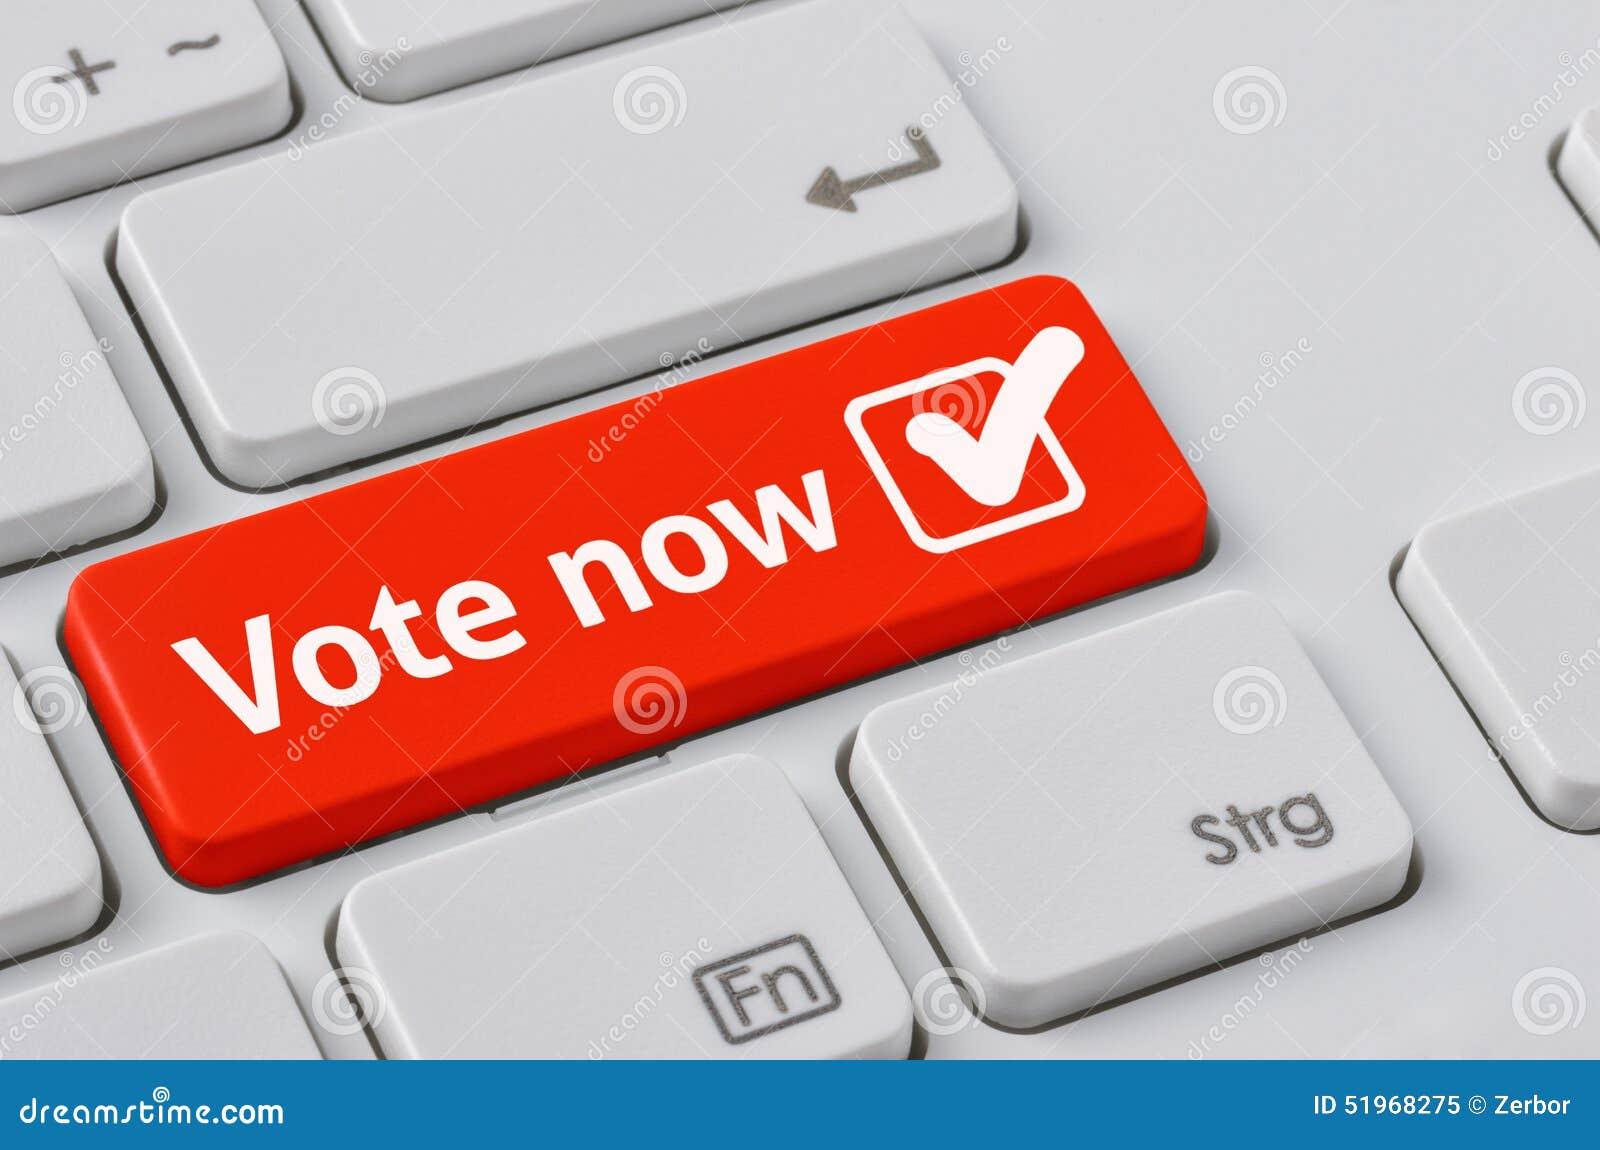 Voto agora